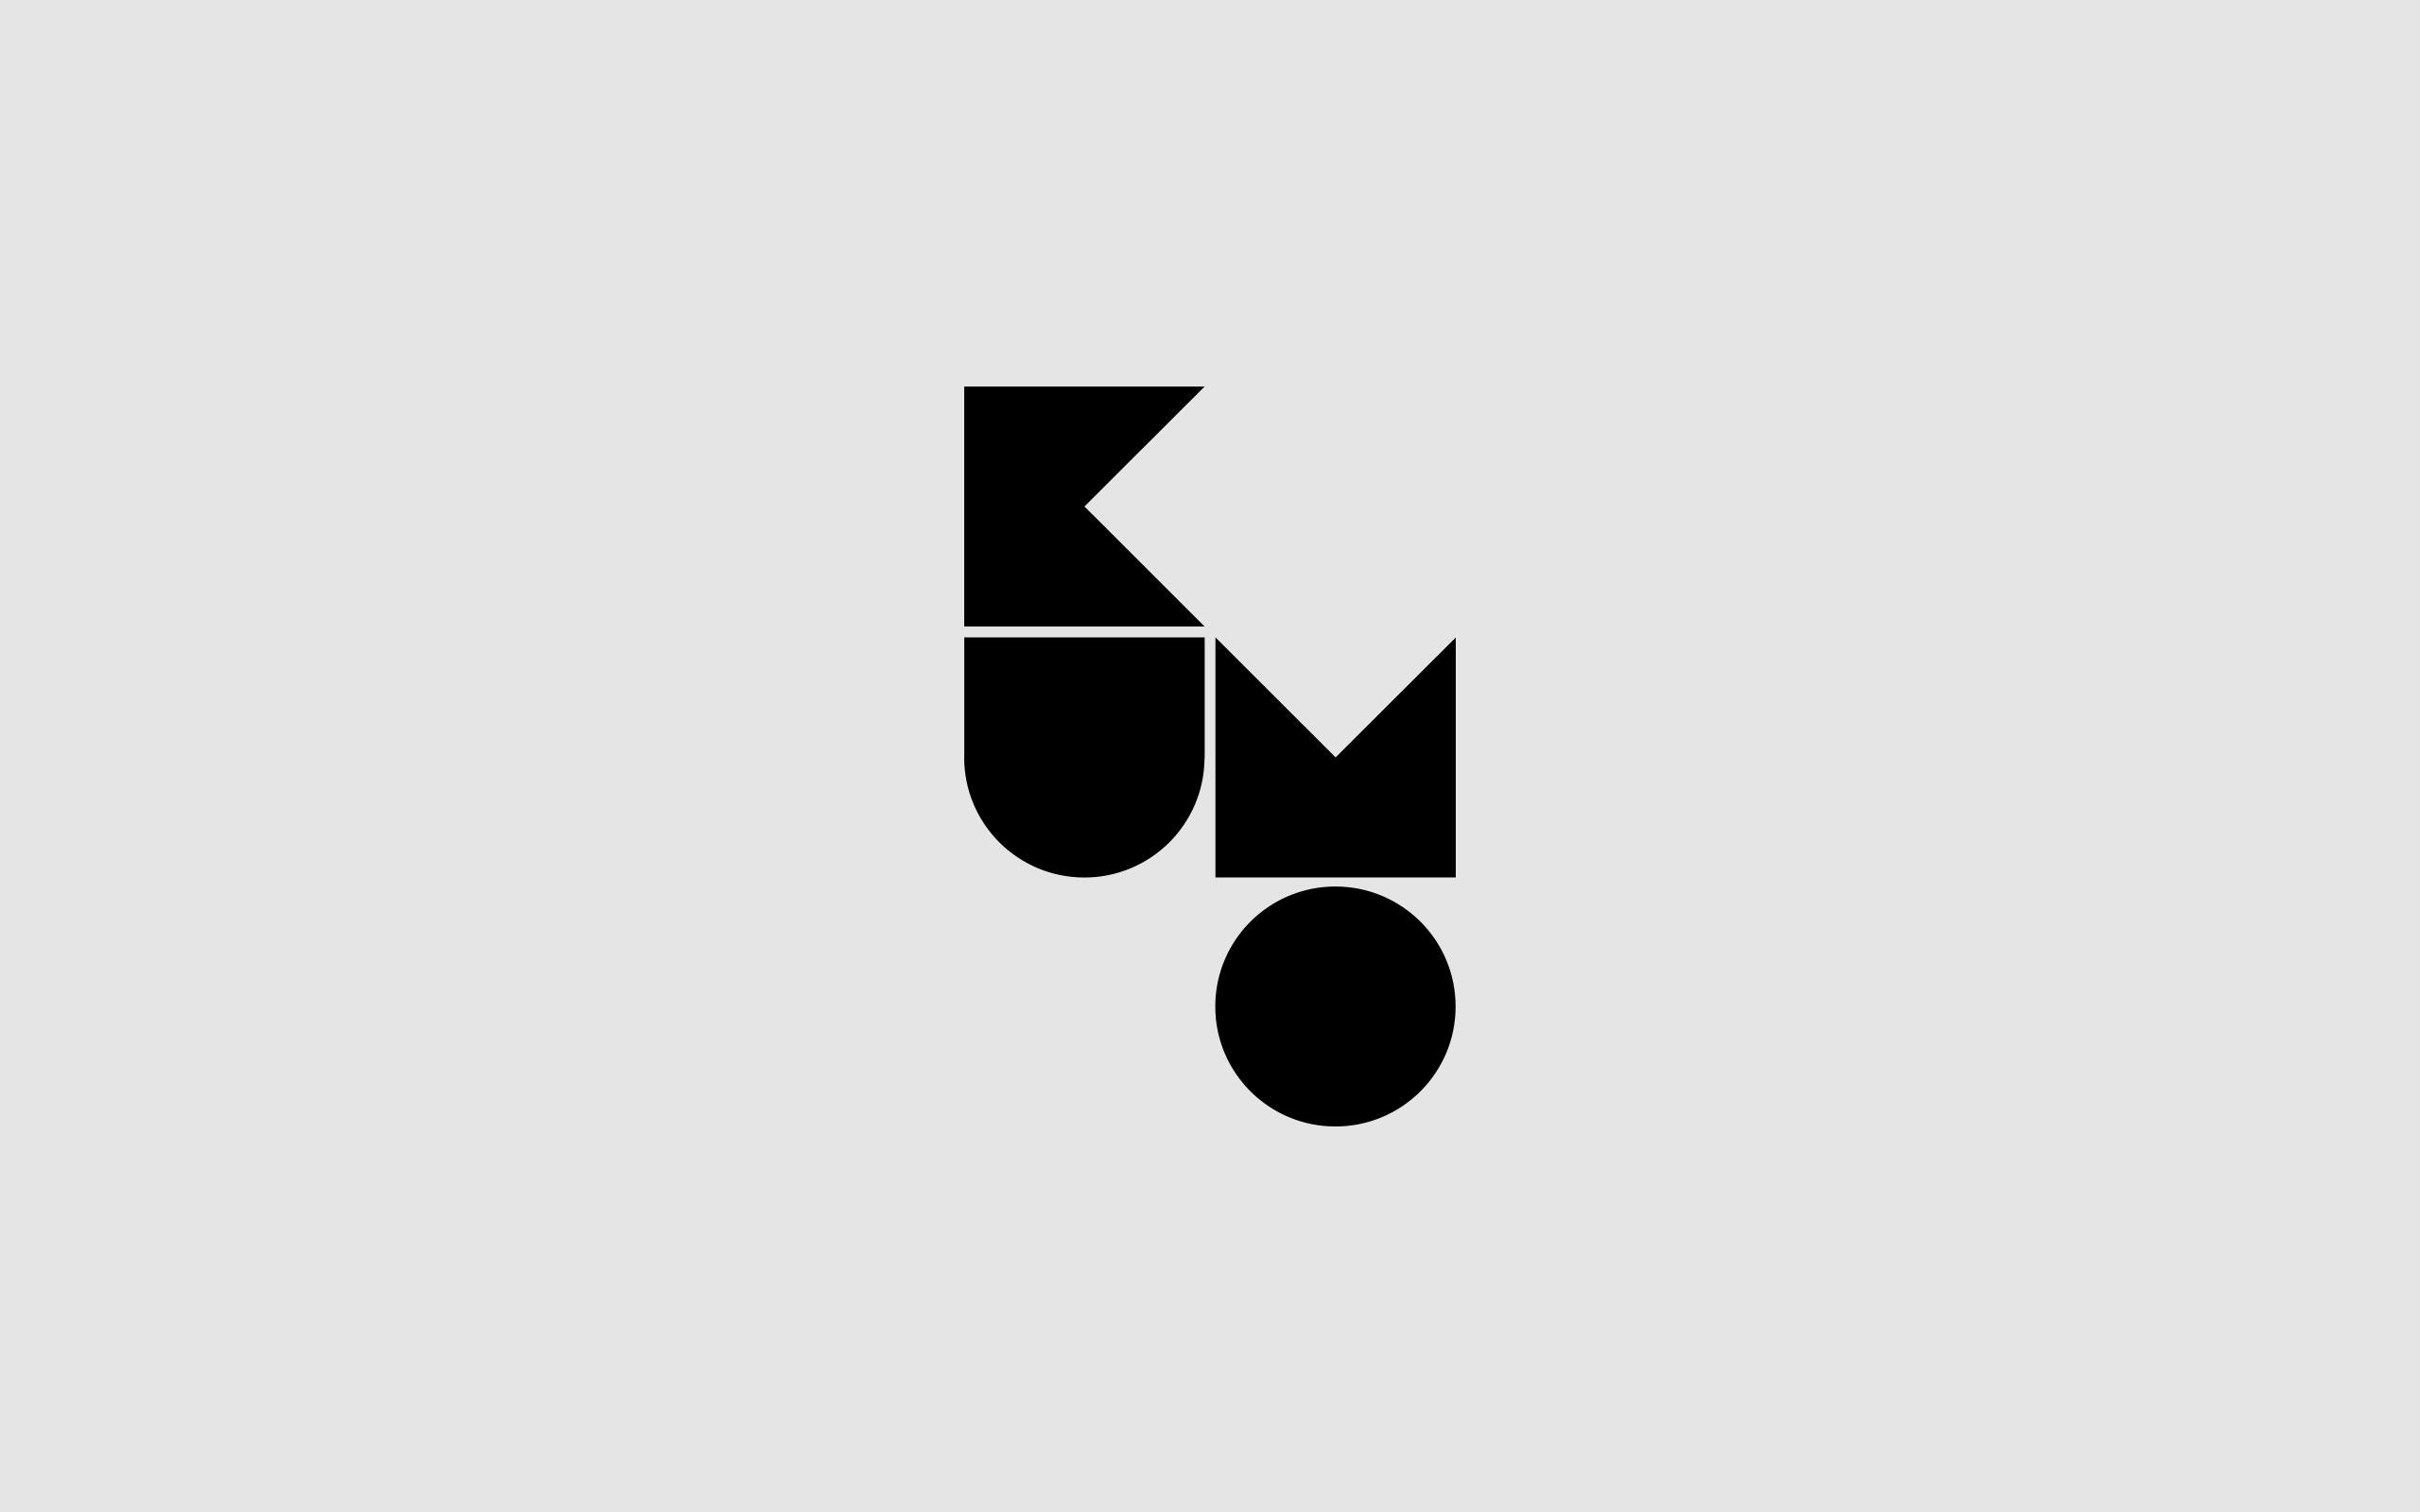 logotypes-12